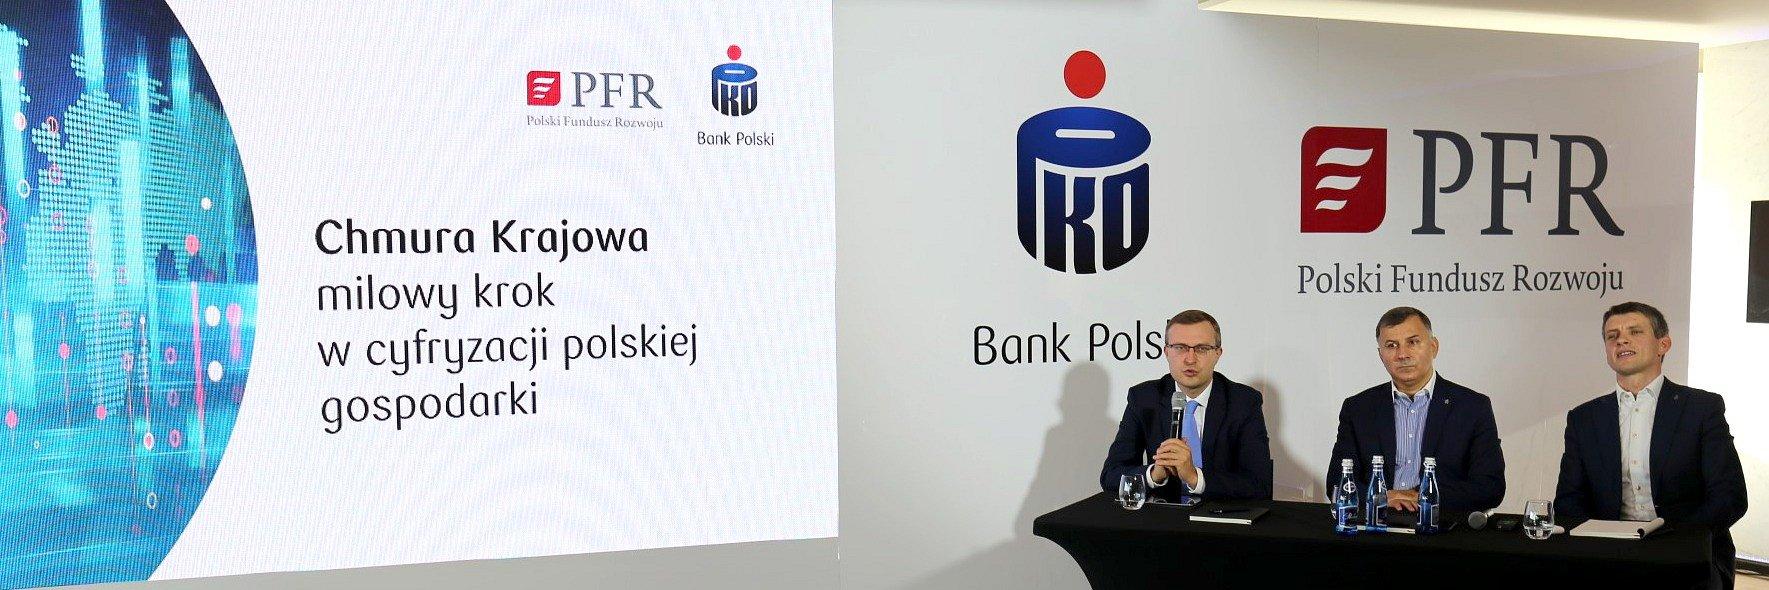 Chmura krajowa – milowy krok w cyfryzacji polskiej gospodarki